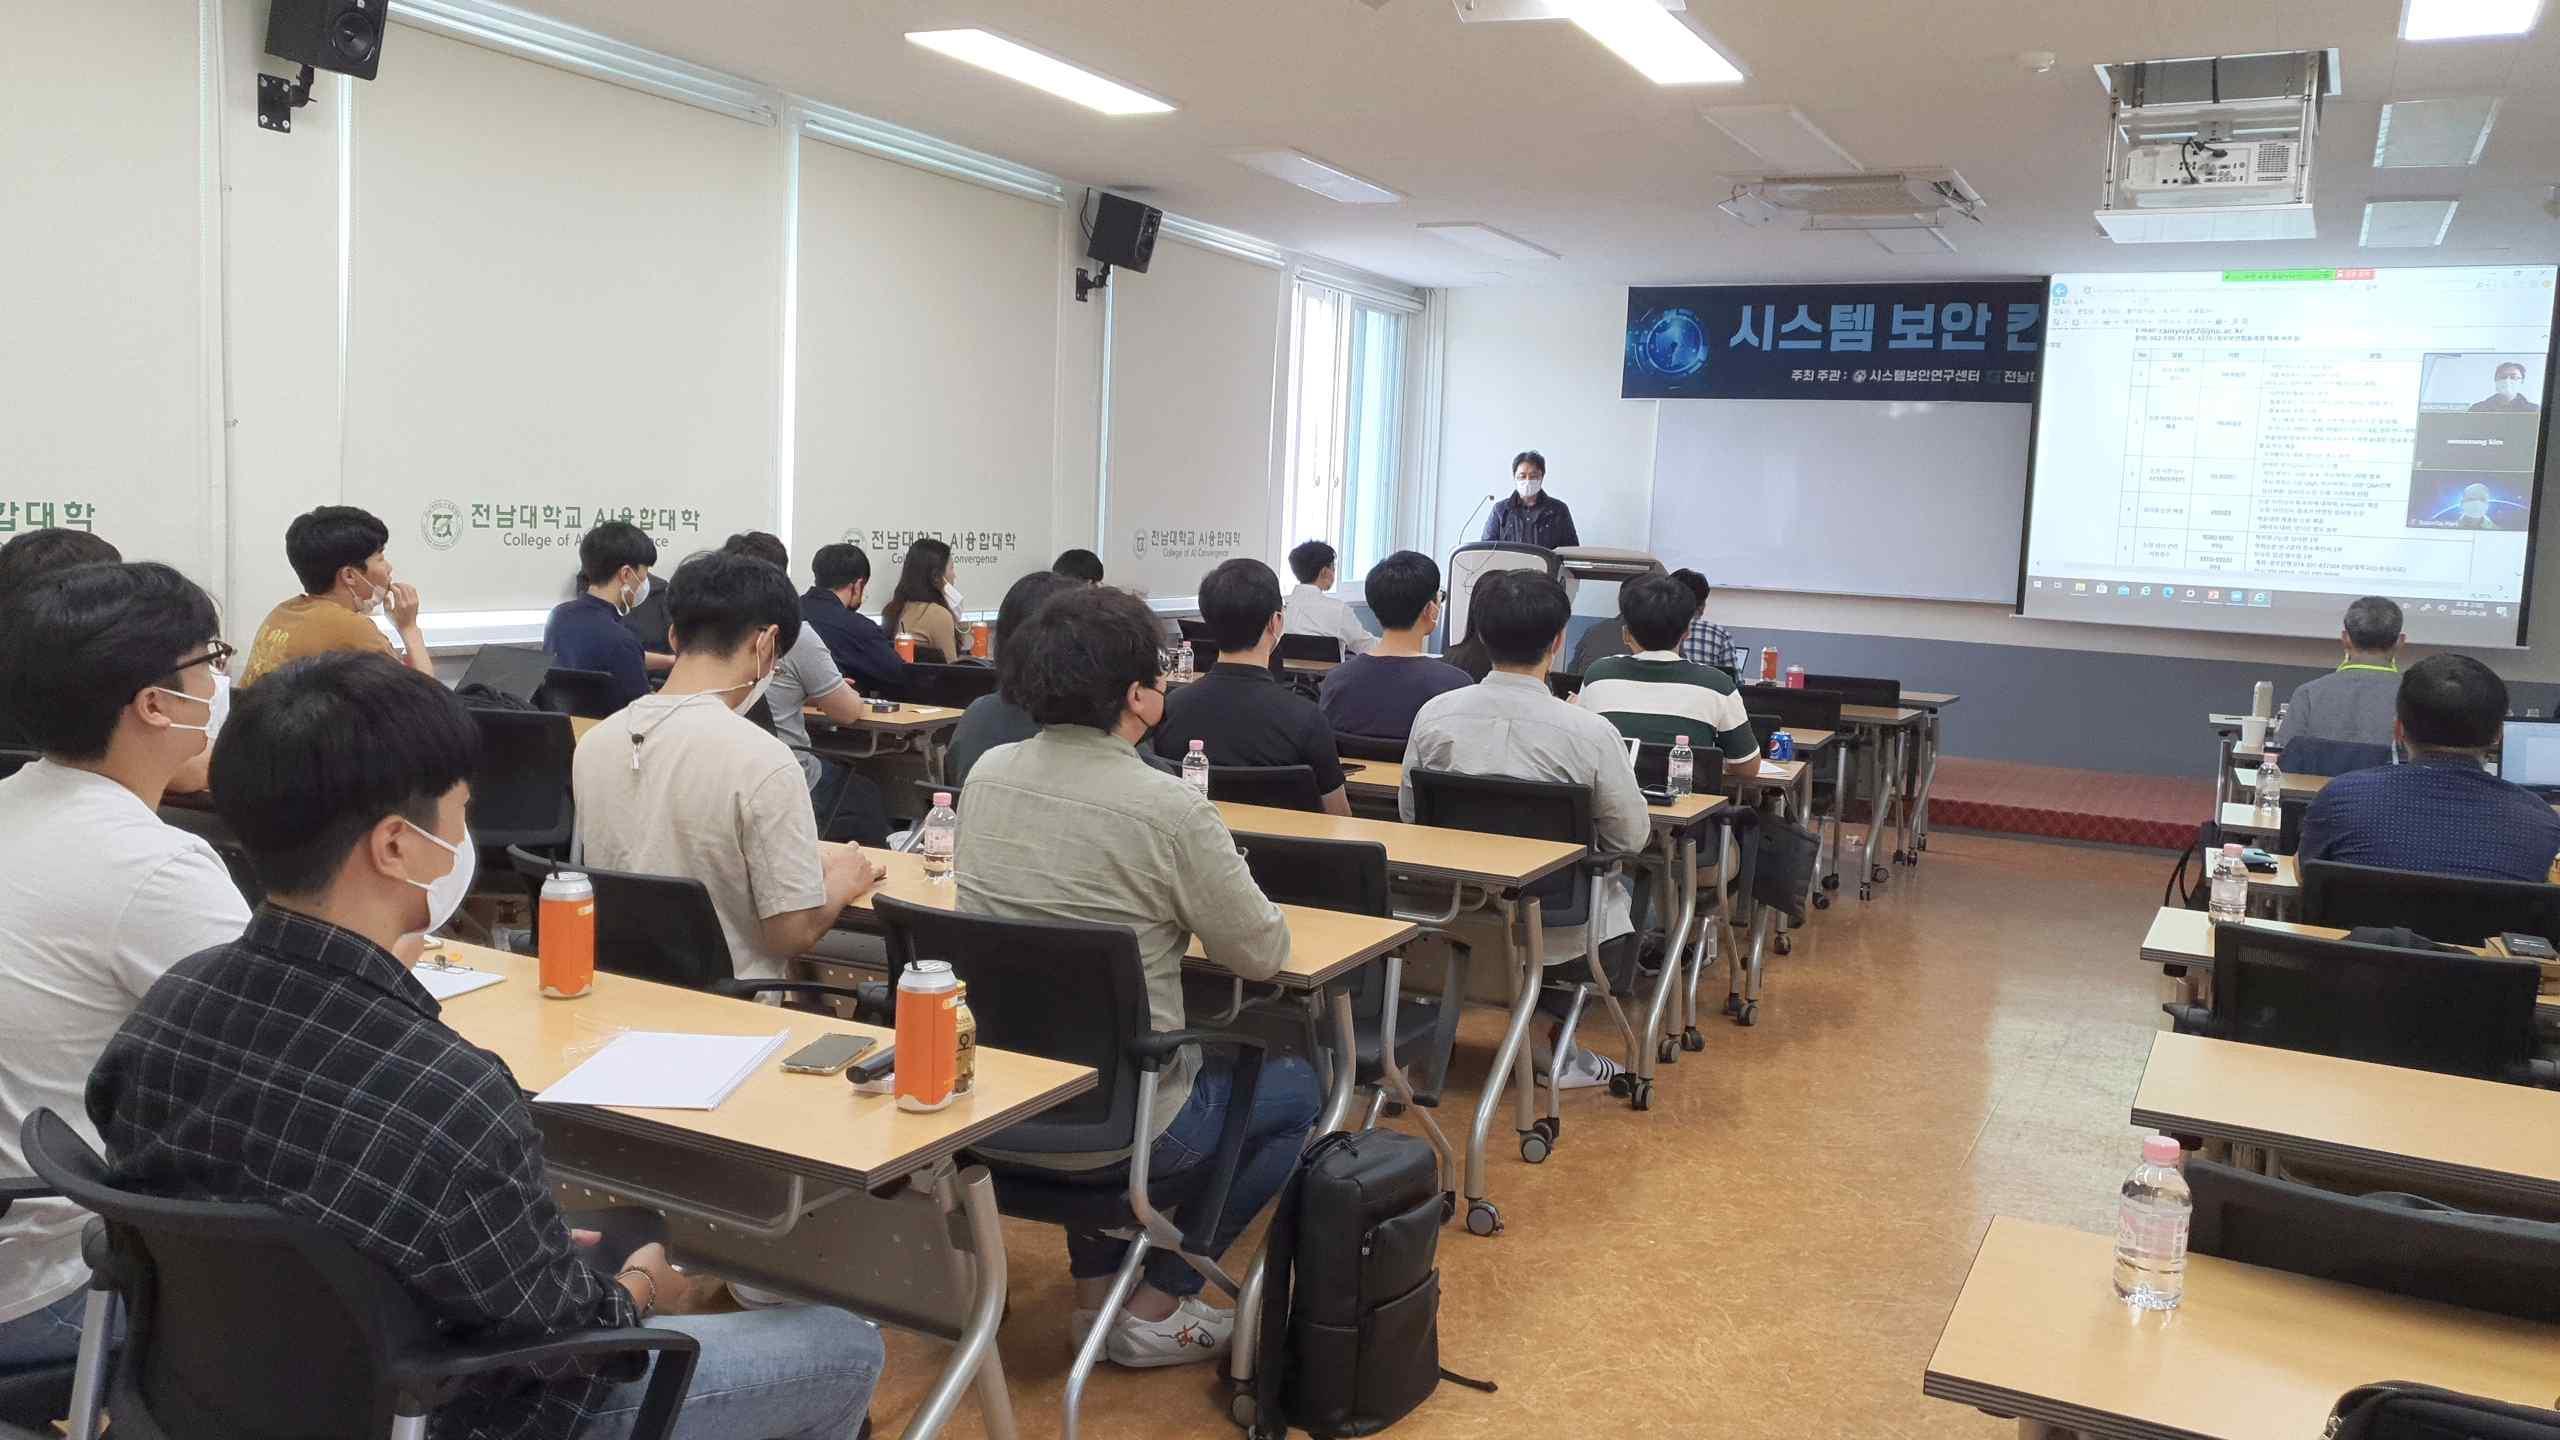 시스템보안 컨퍼런스 발표사진